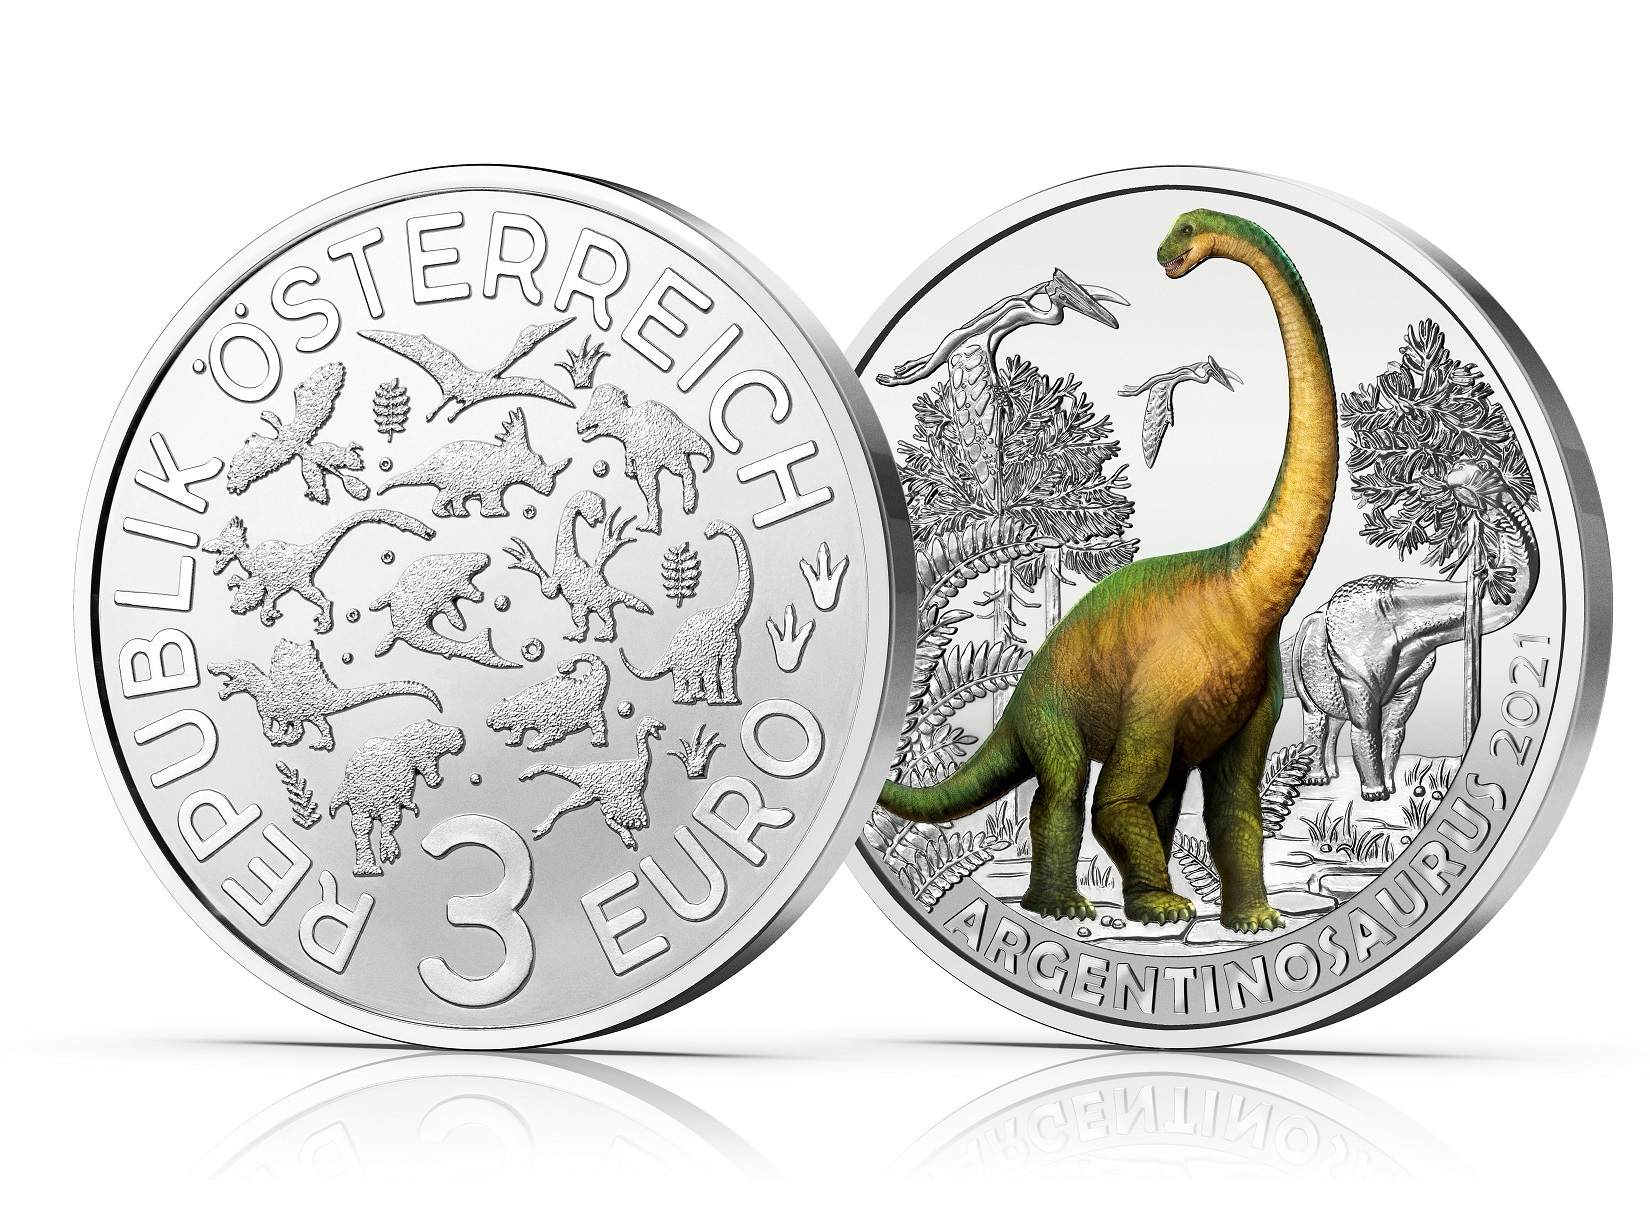 (EUR01.Unc.2021.25153) 3 euro Austria 2021 - Argentinosaurus (zoom)